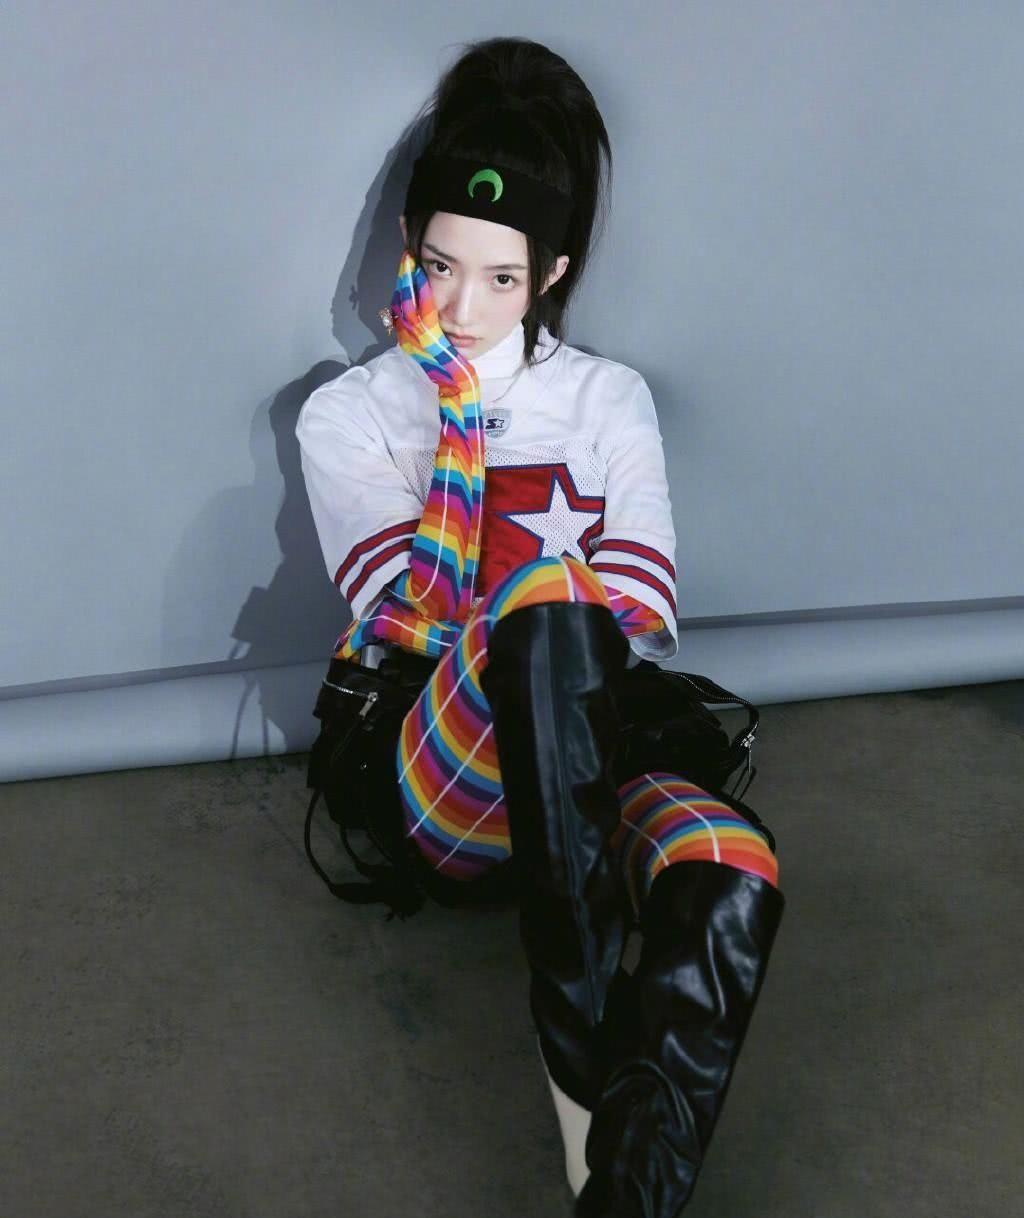 孟美岐真敢穿,七彩条纹秋裤配9千9的高筒靴,让人一眼就看到她